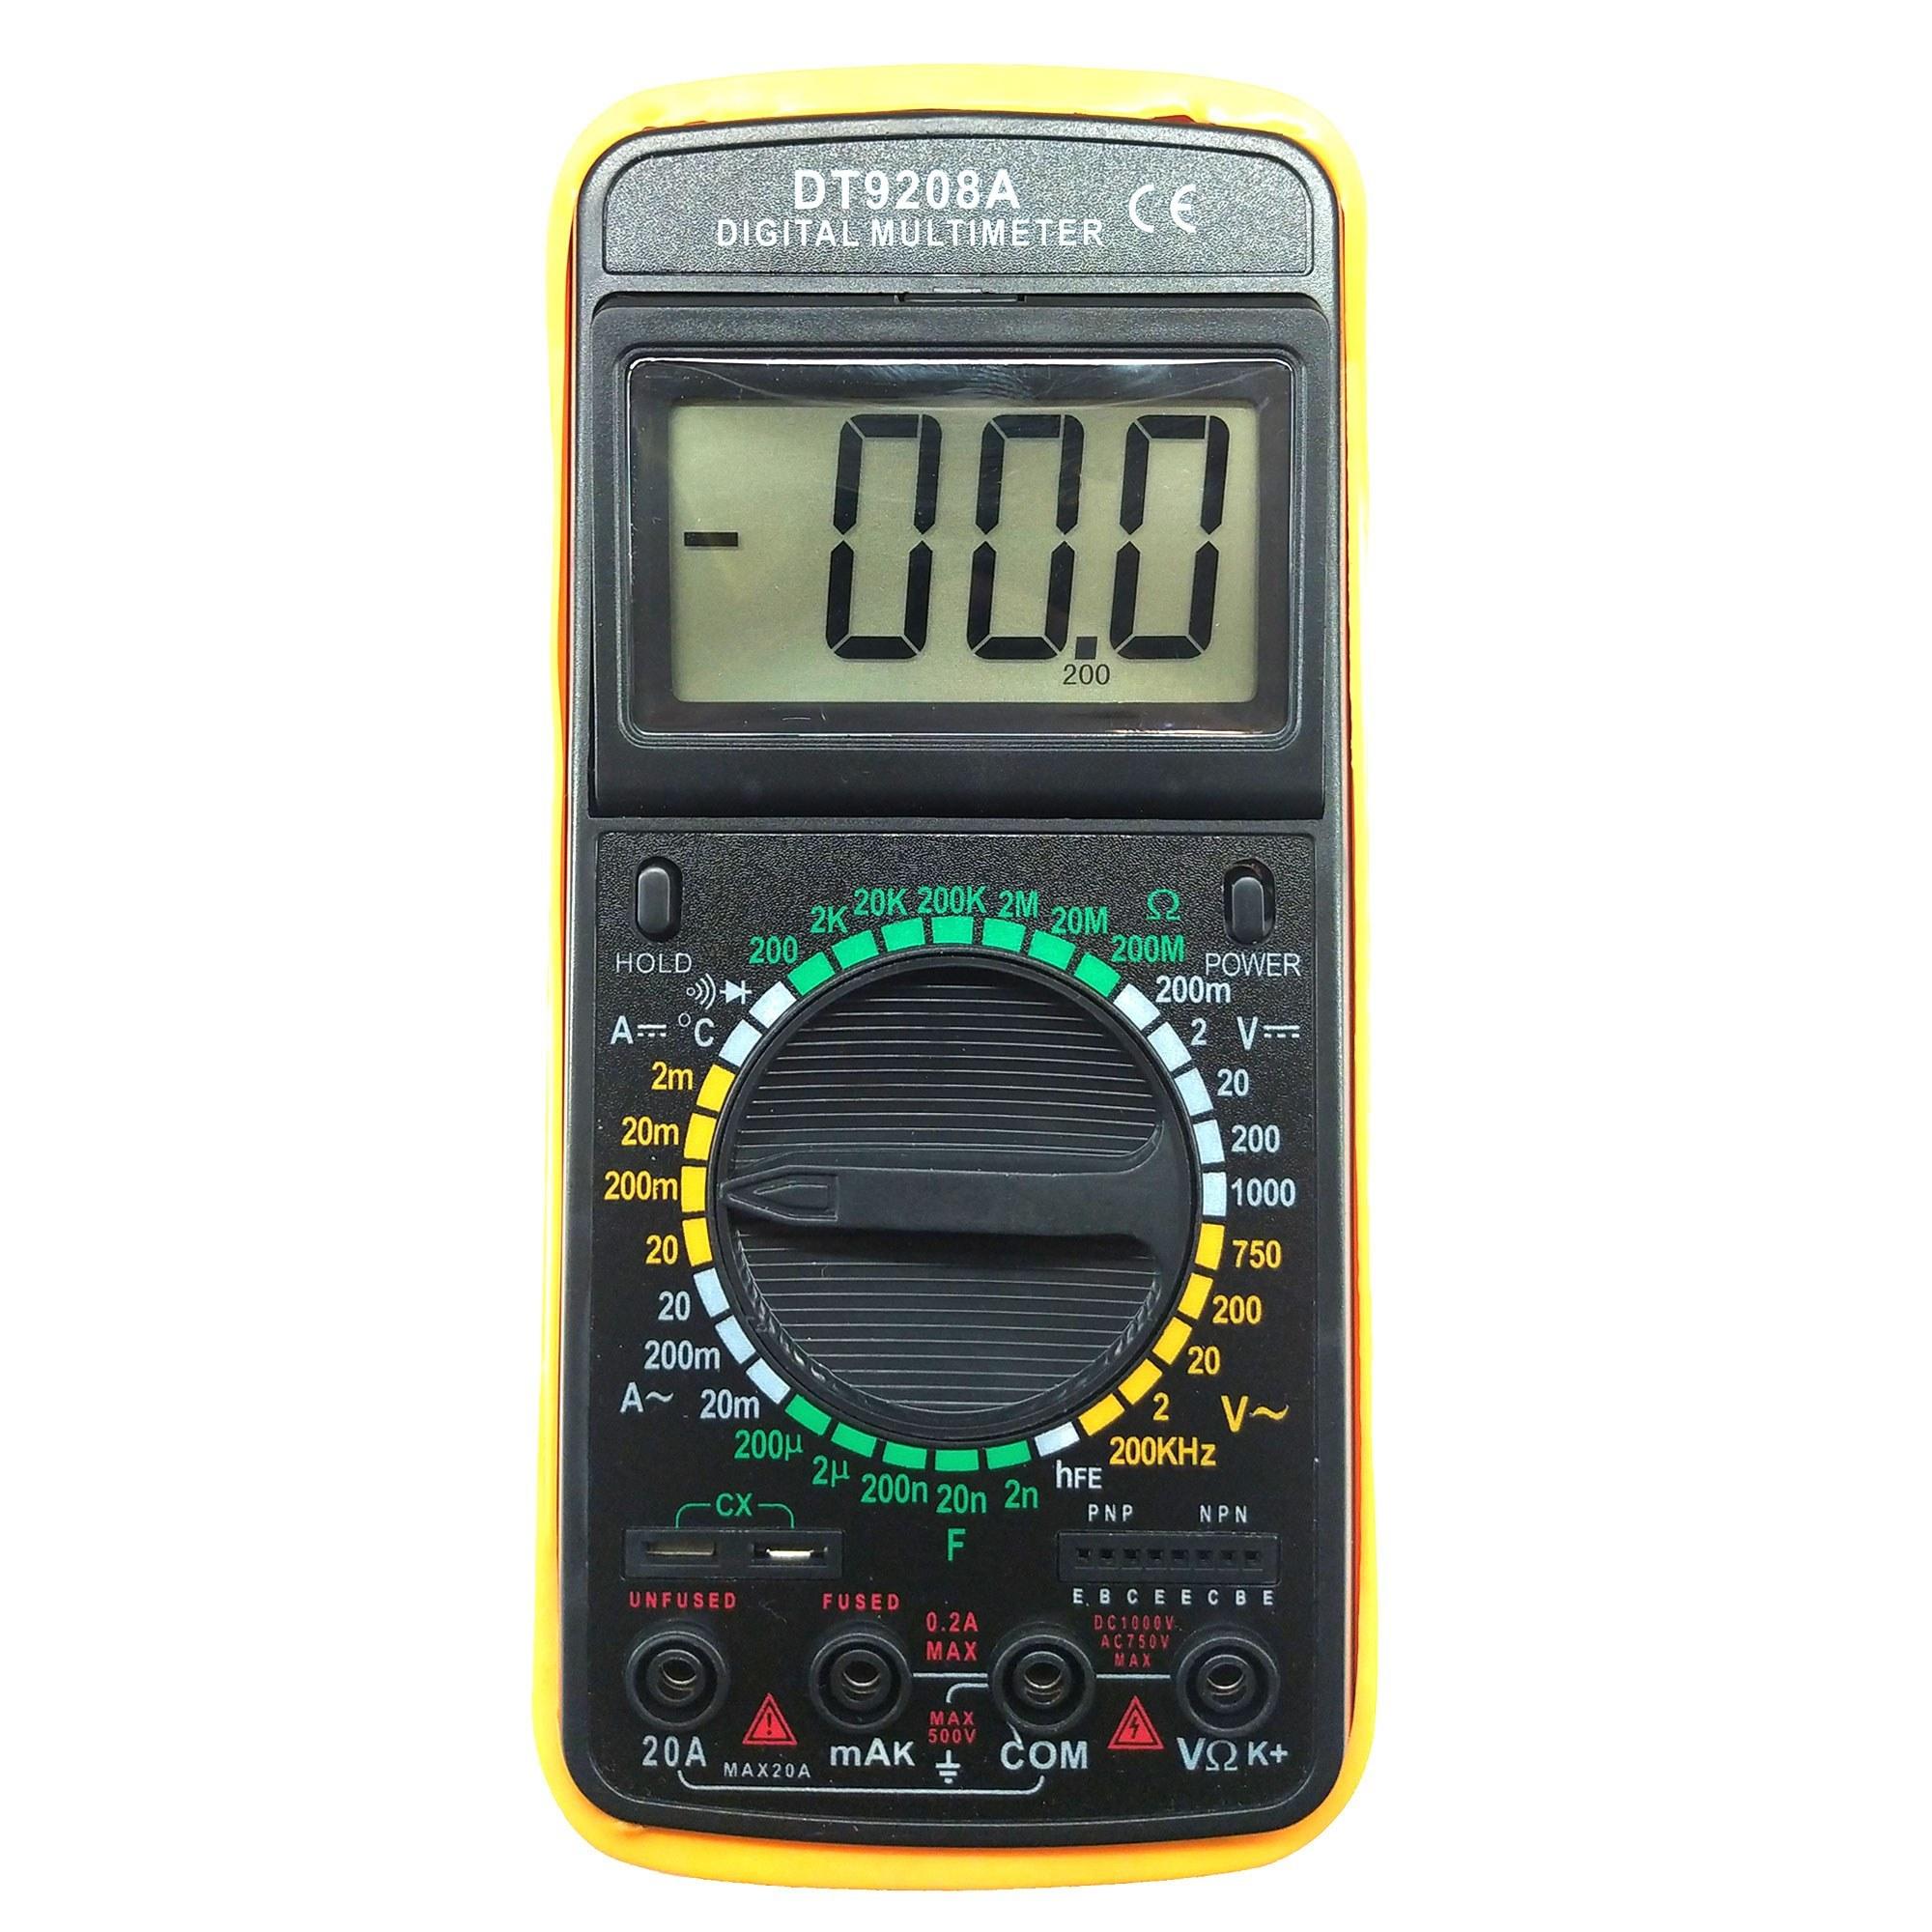 عکس مولتی متر دیجیتال مدل DT9208A  مولتی-متر-دیجیتال-مدل-dt9208a